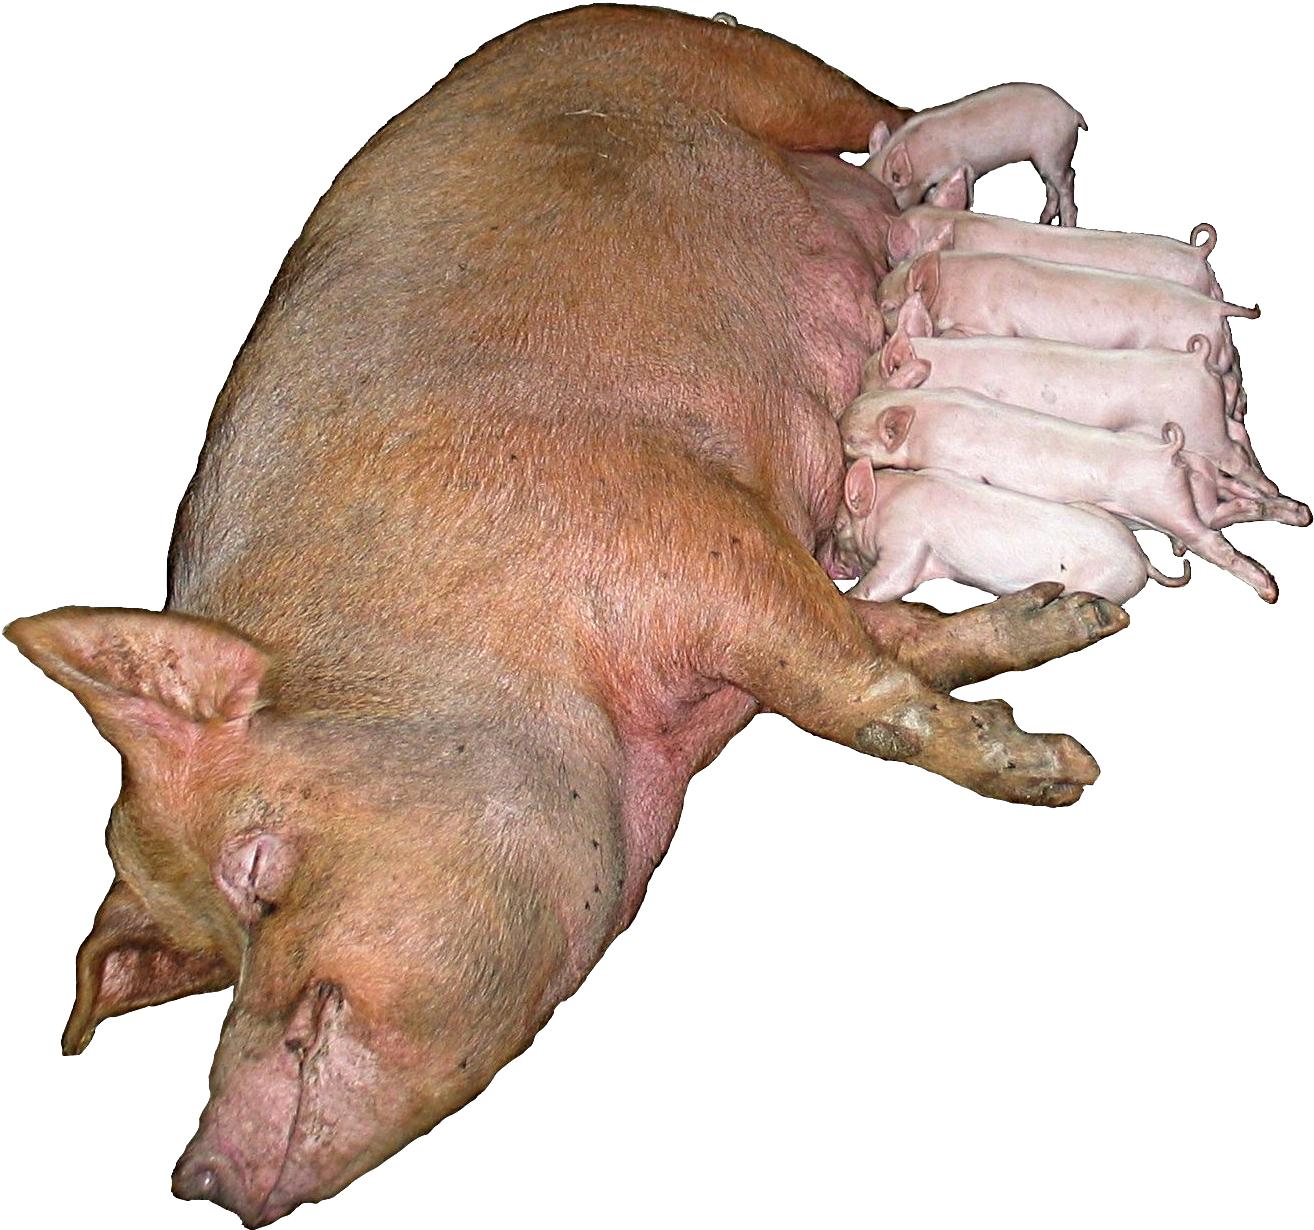 la vida de los mamiferos: